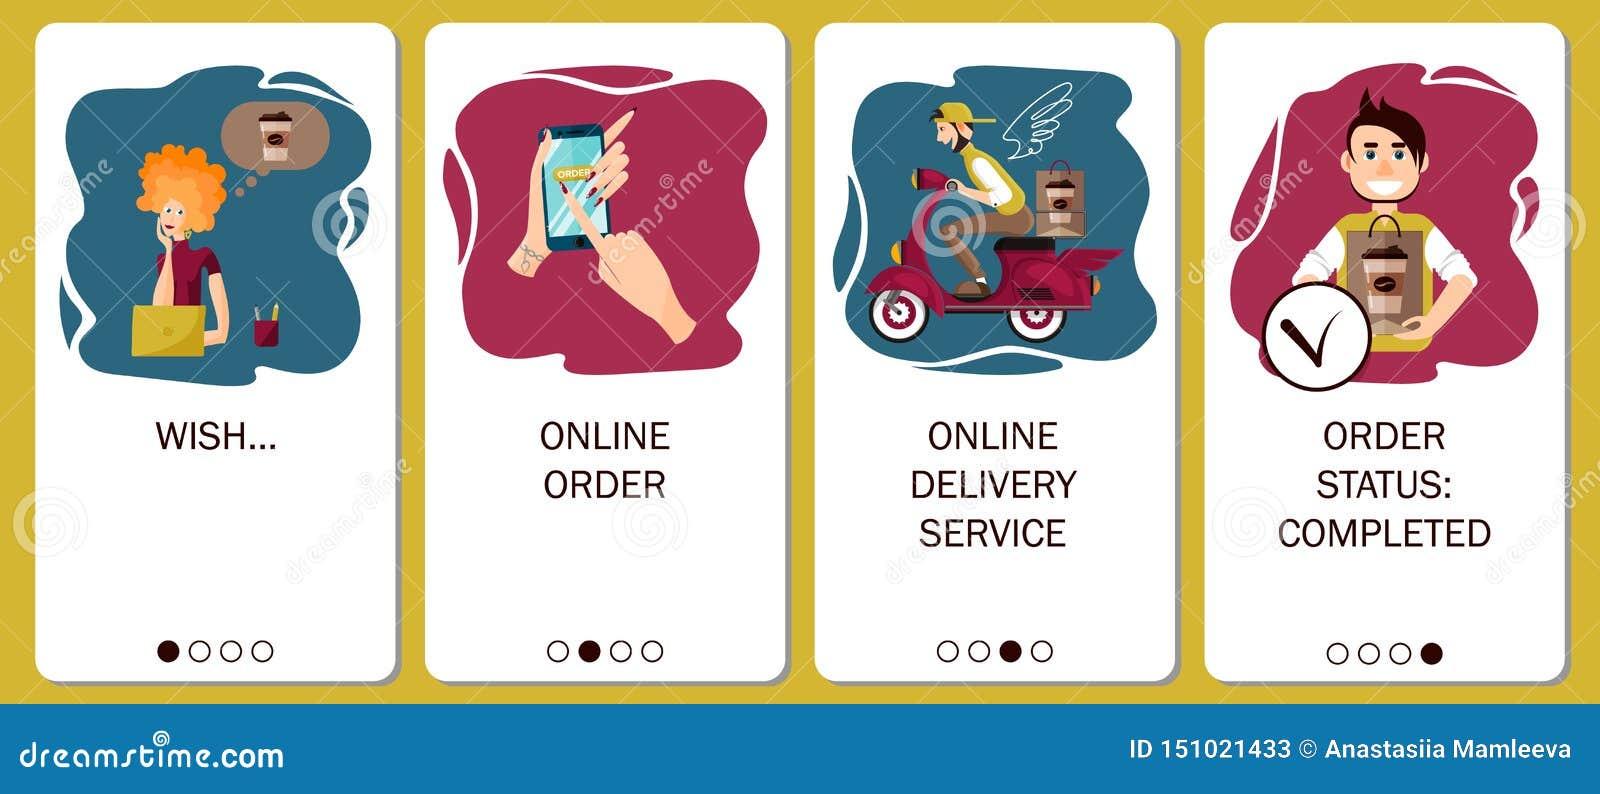 E Онлайн обслуживание заказа, доставка кофе, кофе заказа в онлайн кофейне